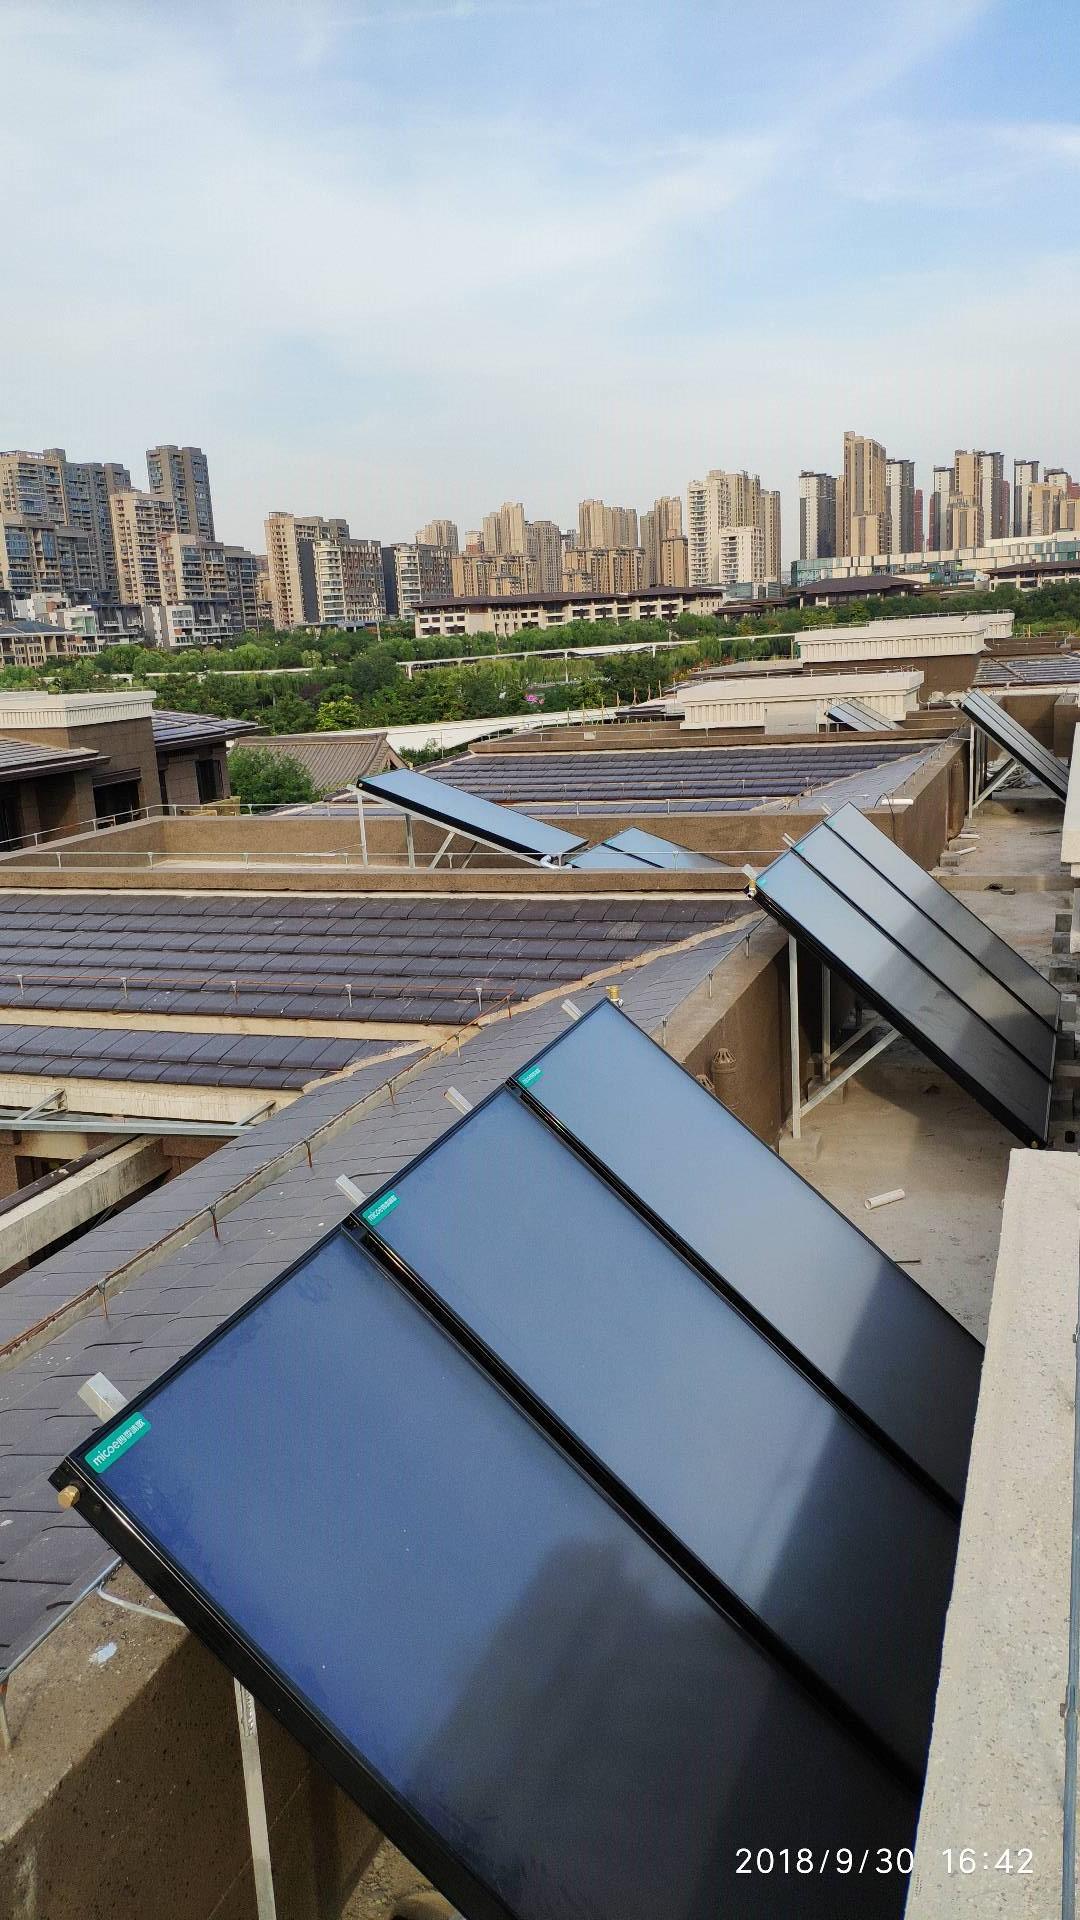 西安太阳能热水系统—曲江九玺